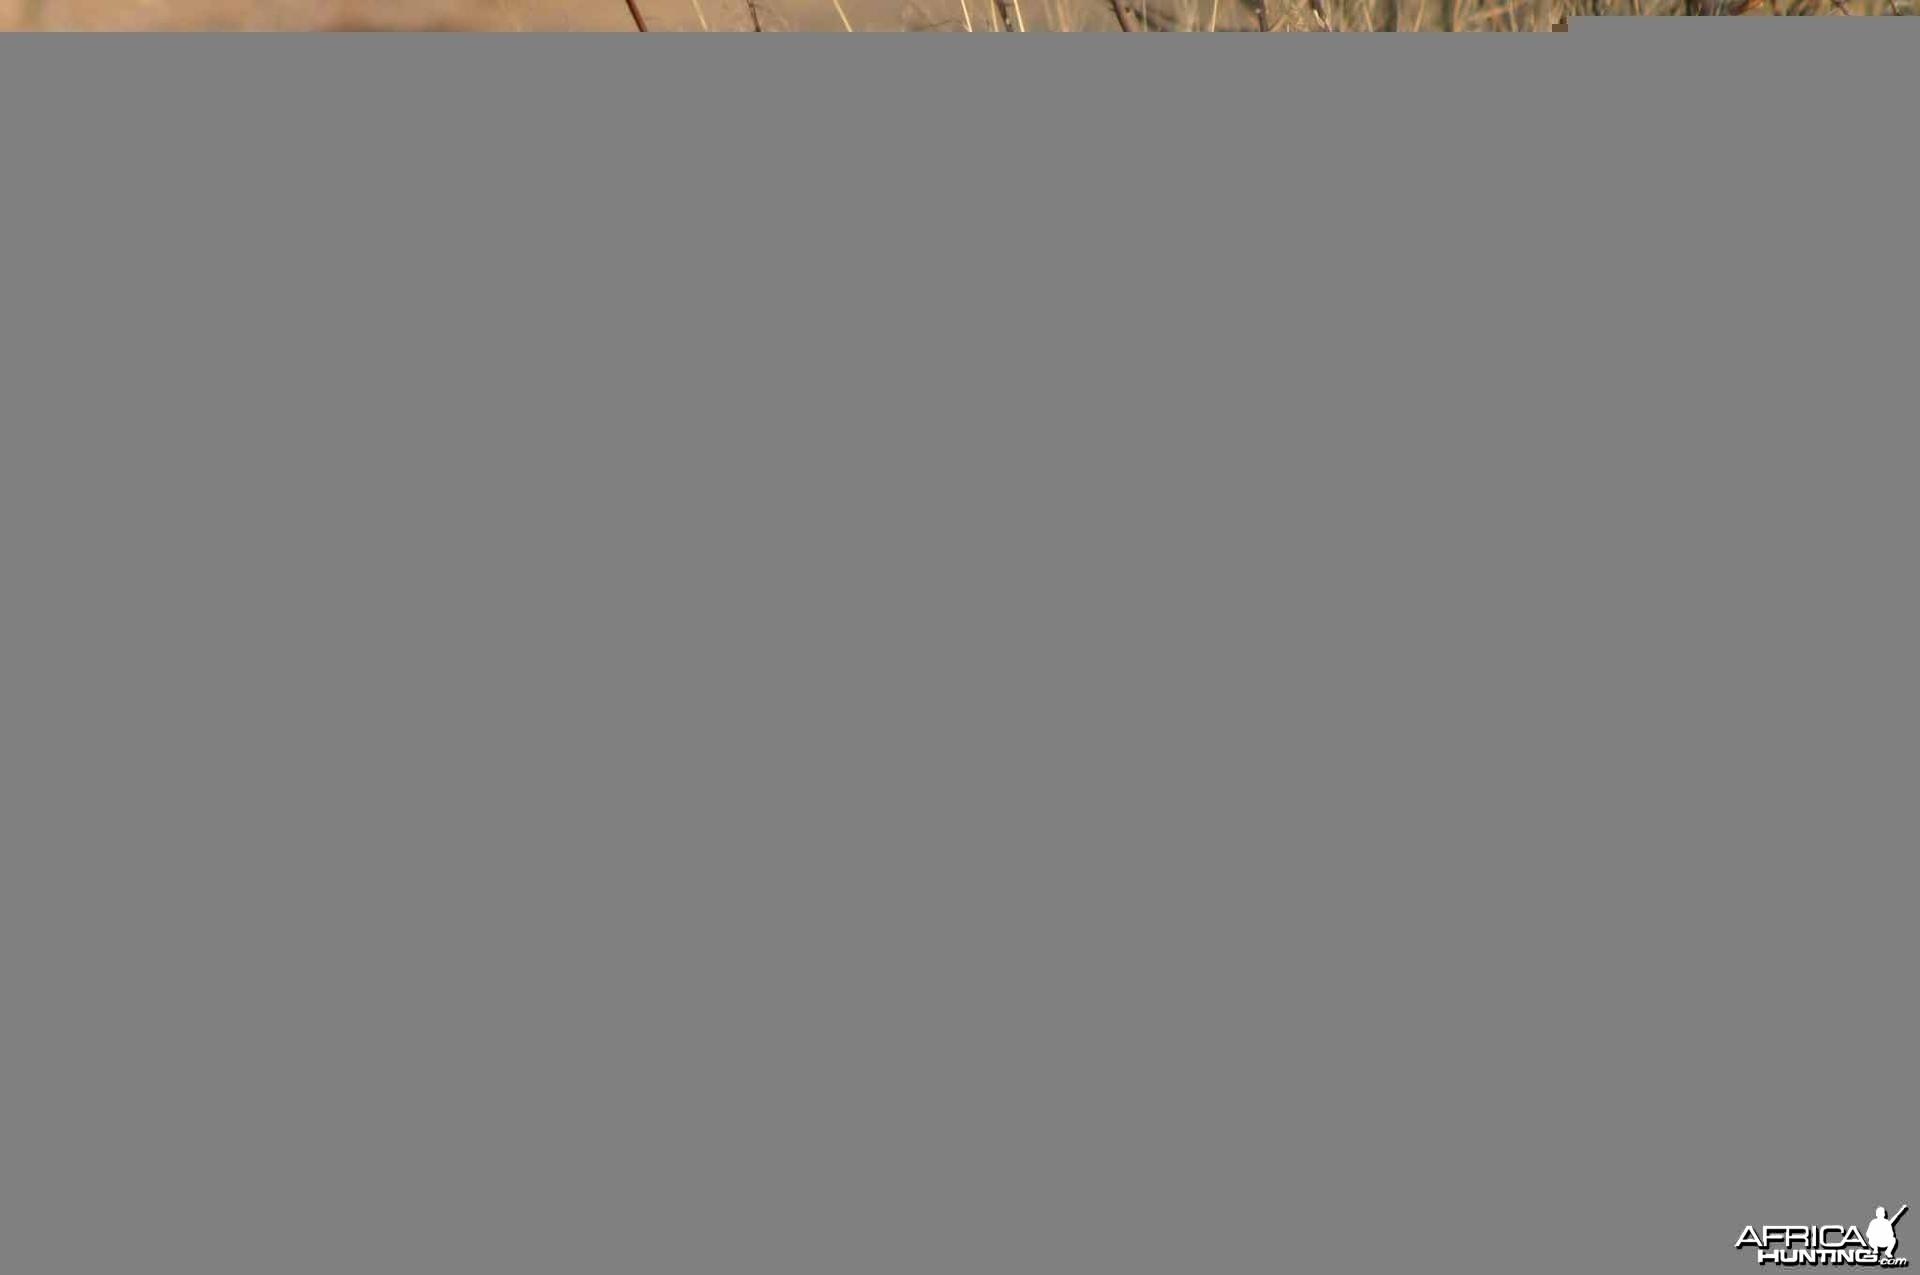 Epako Cheetah